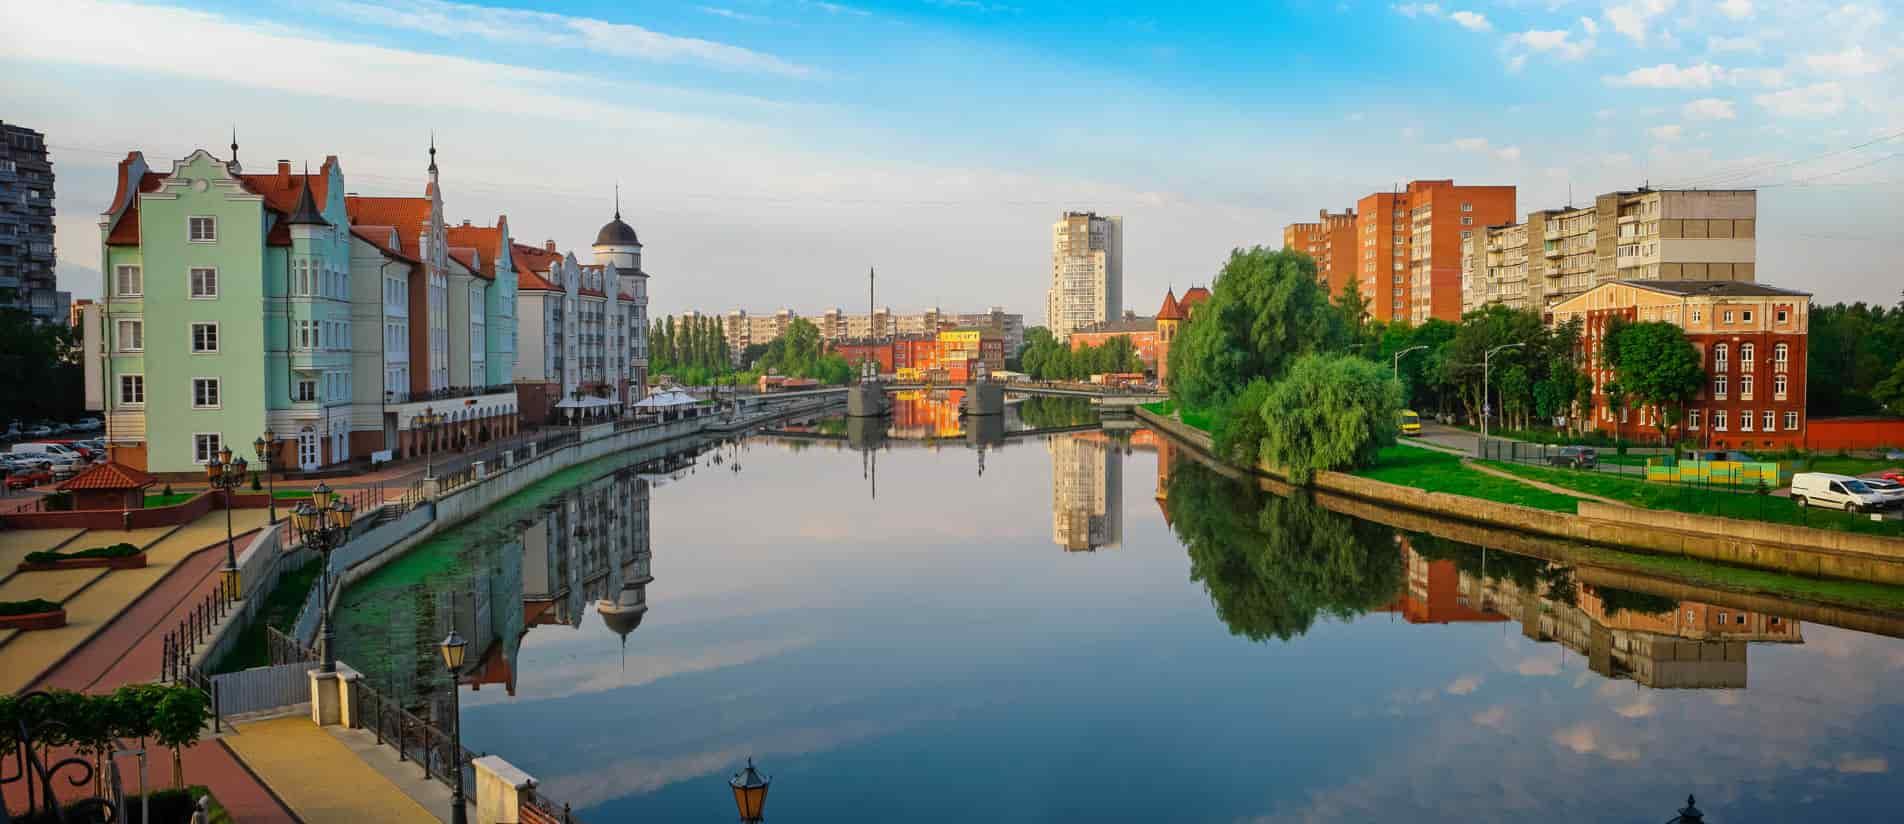 Что самостоятельно посмотреть в Калининграде за 3 дня